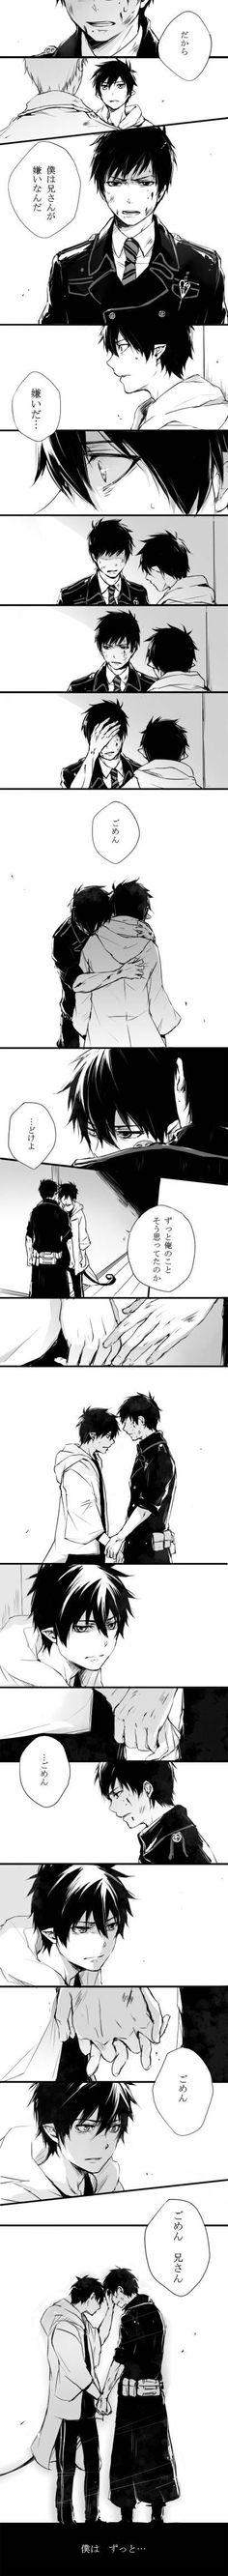 Tags: Anime, Injury, Ao no Exorcist, Okumura Rin, Okumura Yukio, Face To Face